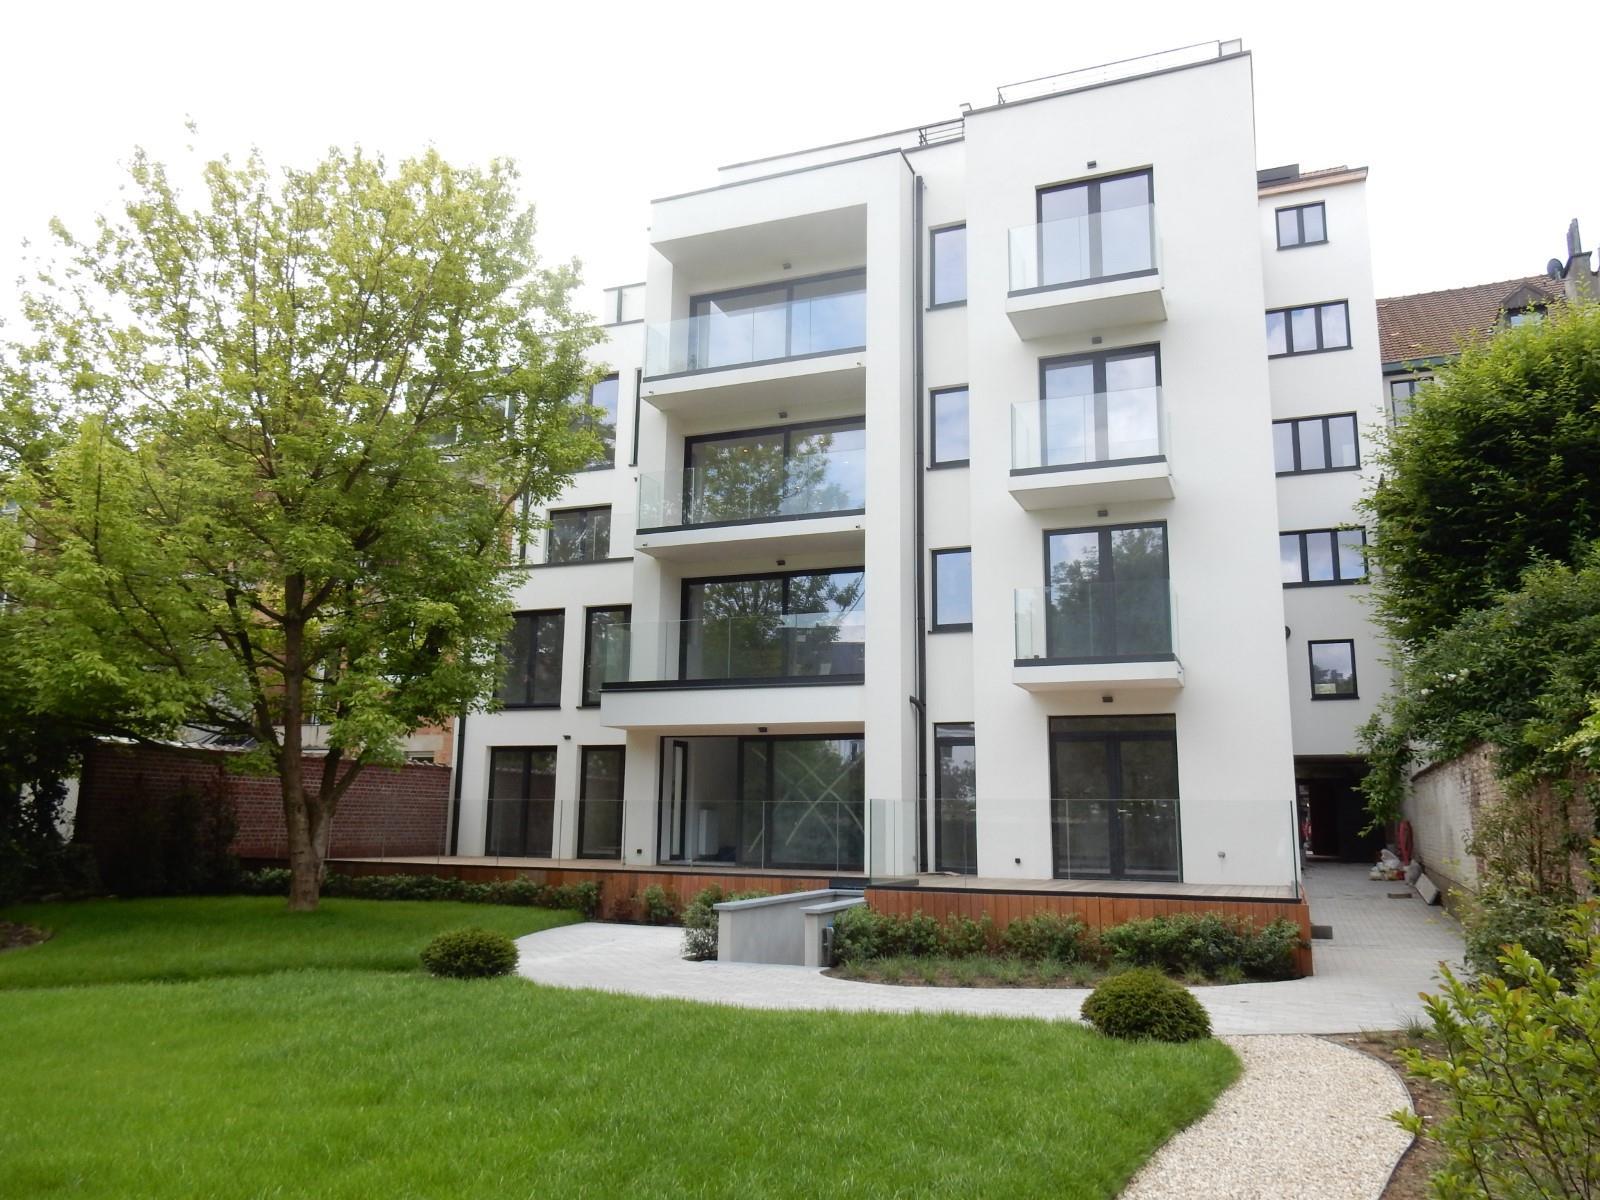 Appartement exceptionnel - Ixelles - #3851241-12